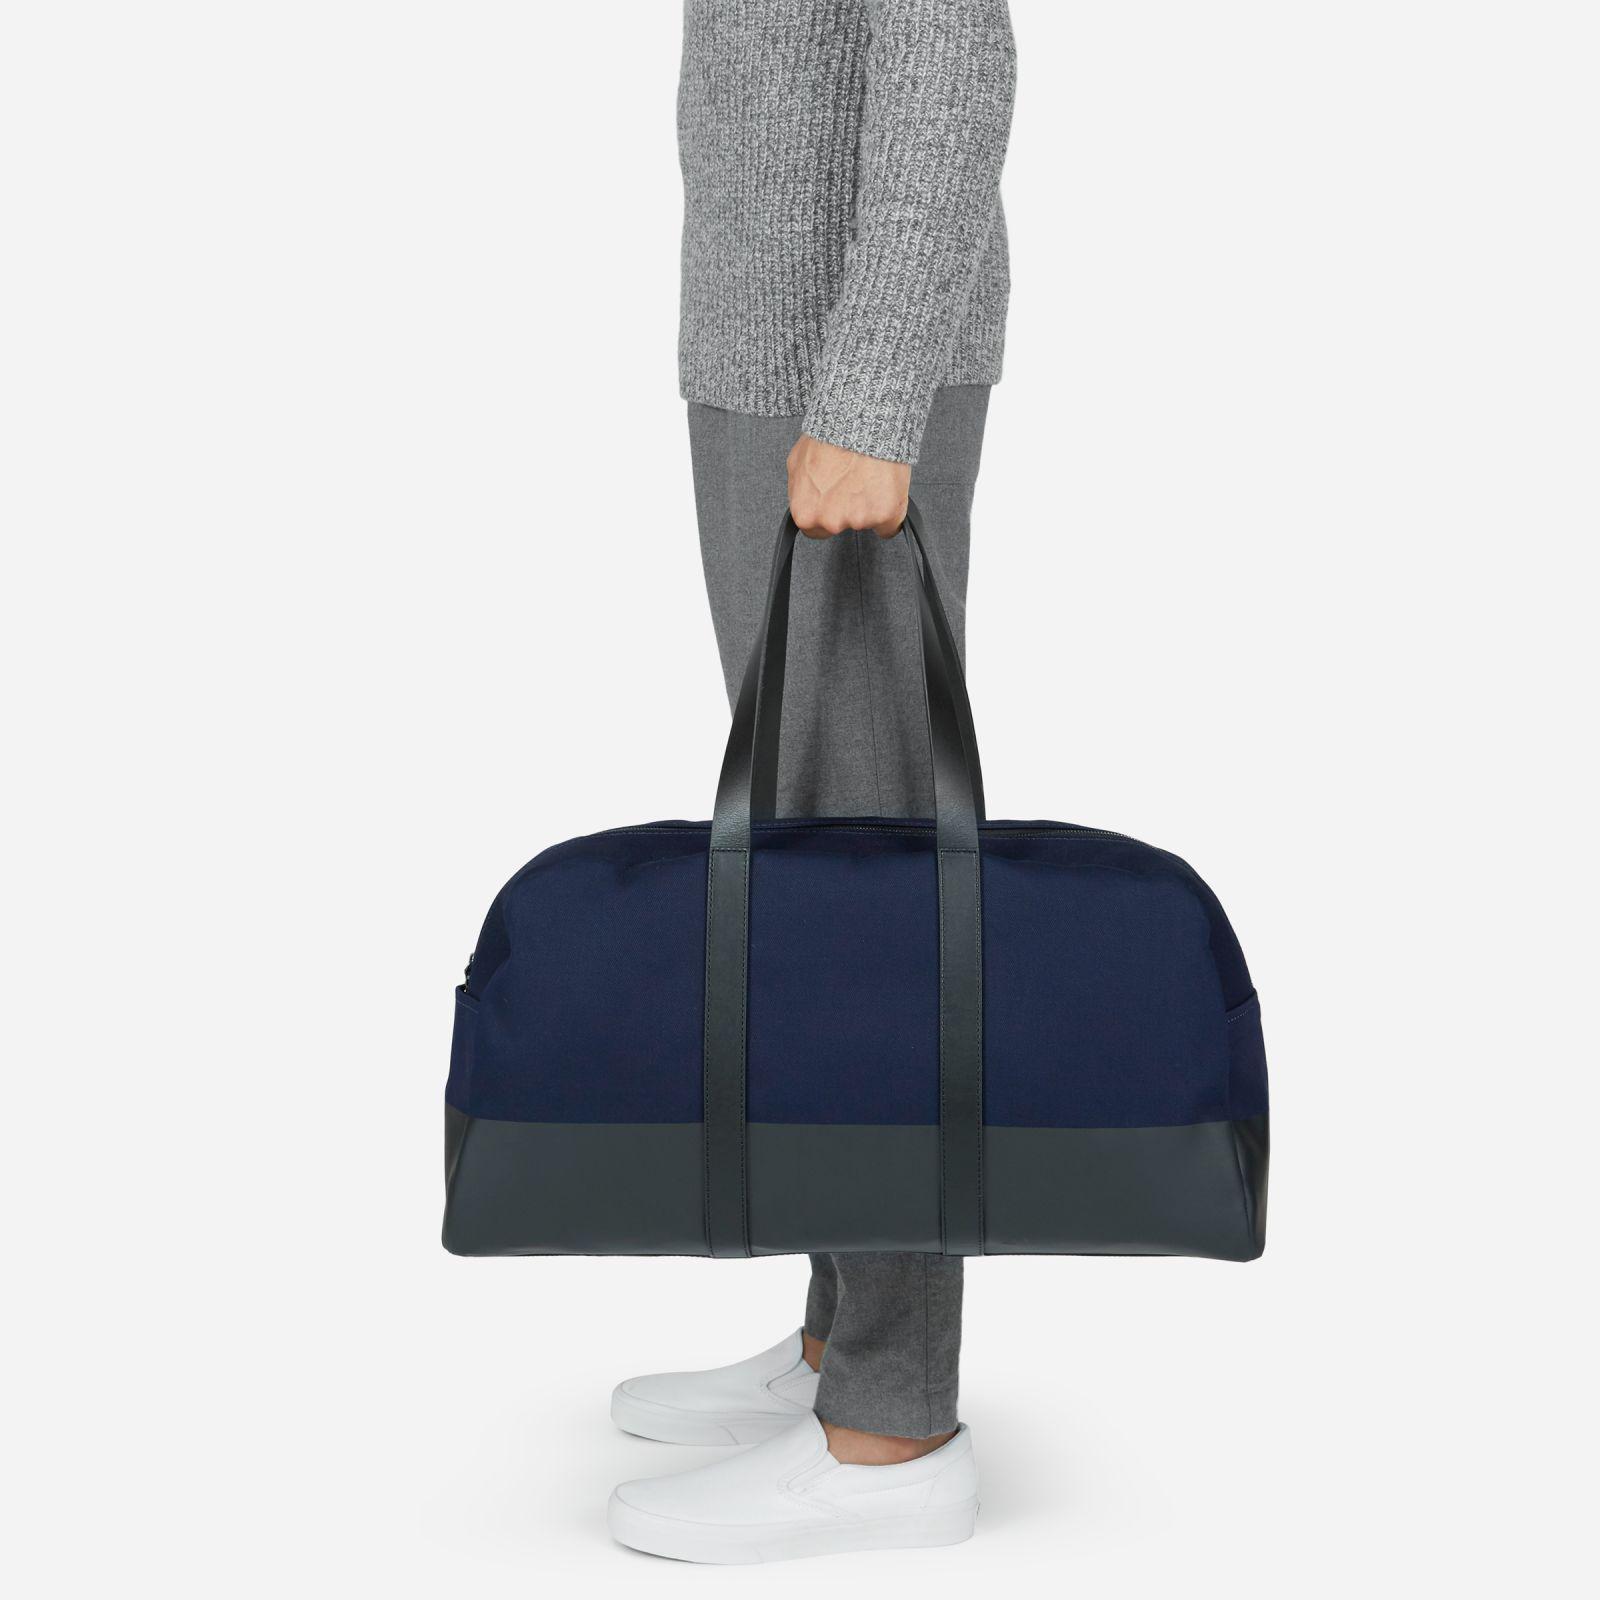 twill weekender bag by everlane in navy / black